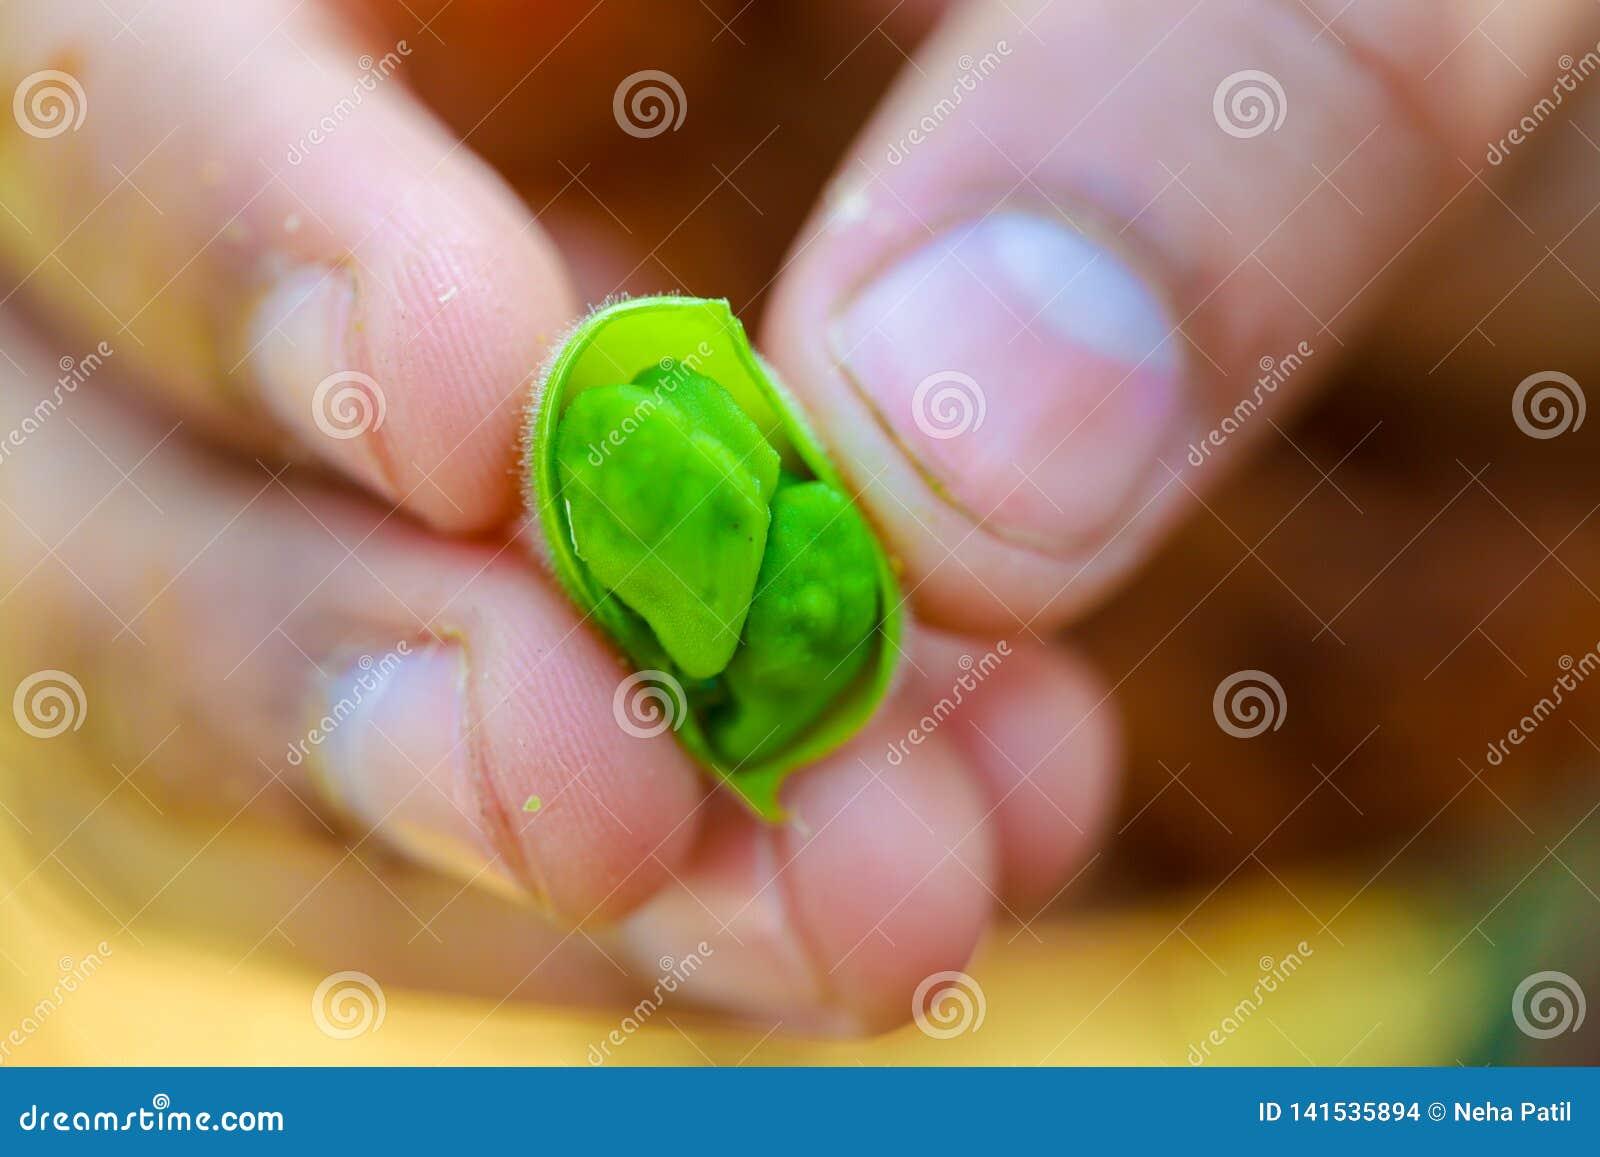 Nya gröna ärtor för kikärtar som fält, fågelungeockså är bekanta som harbara, eller harbharaen i hindi och Cicer är det vetenskap